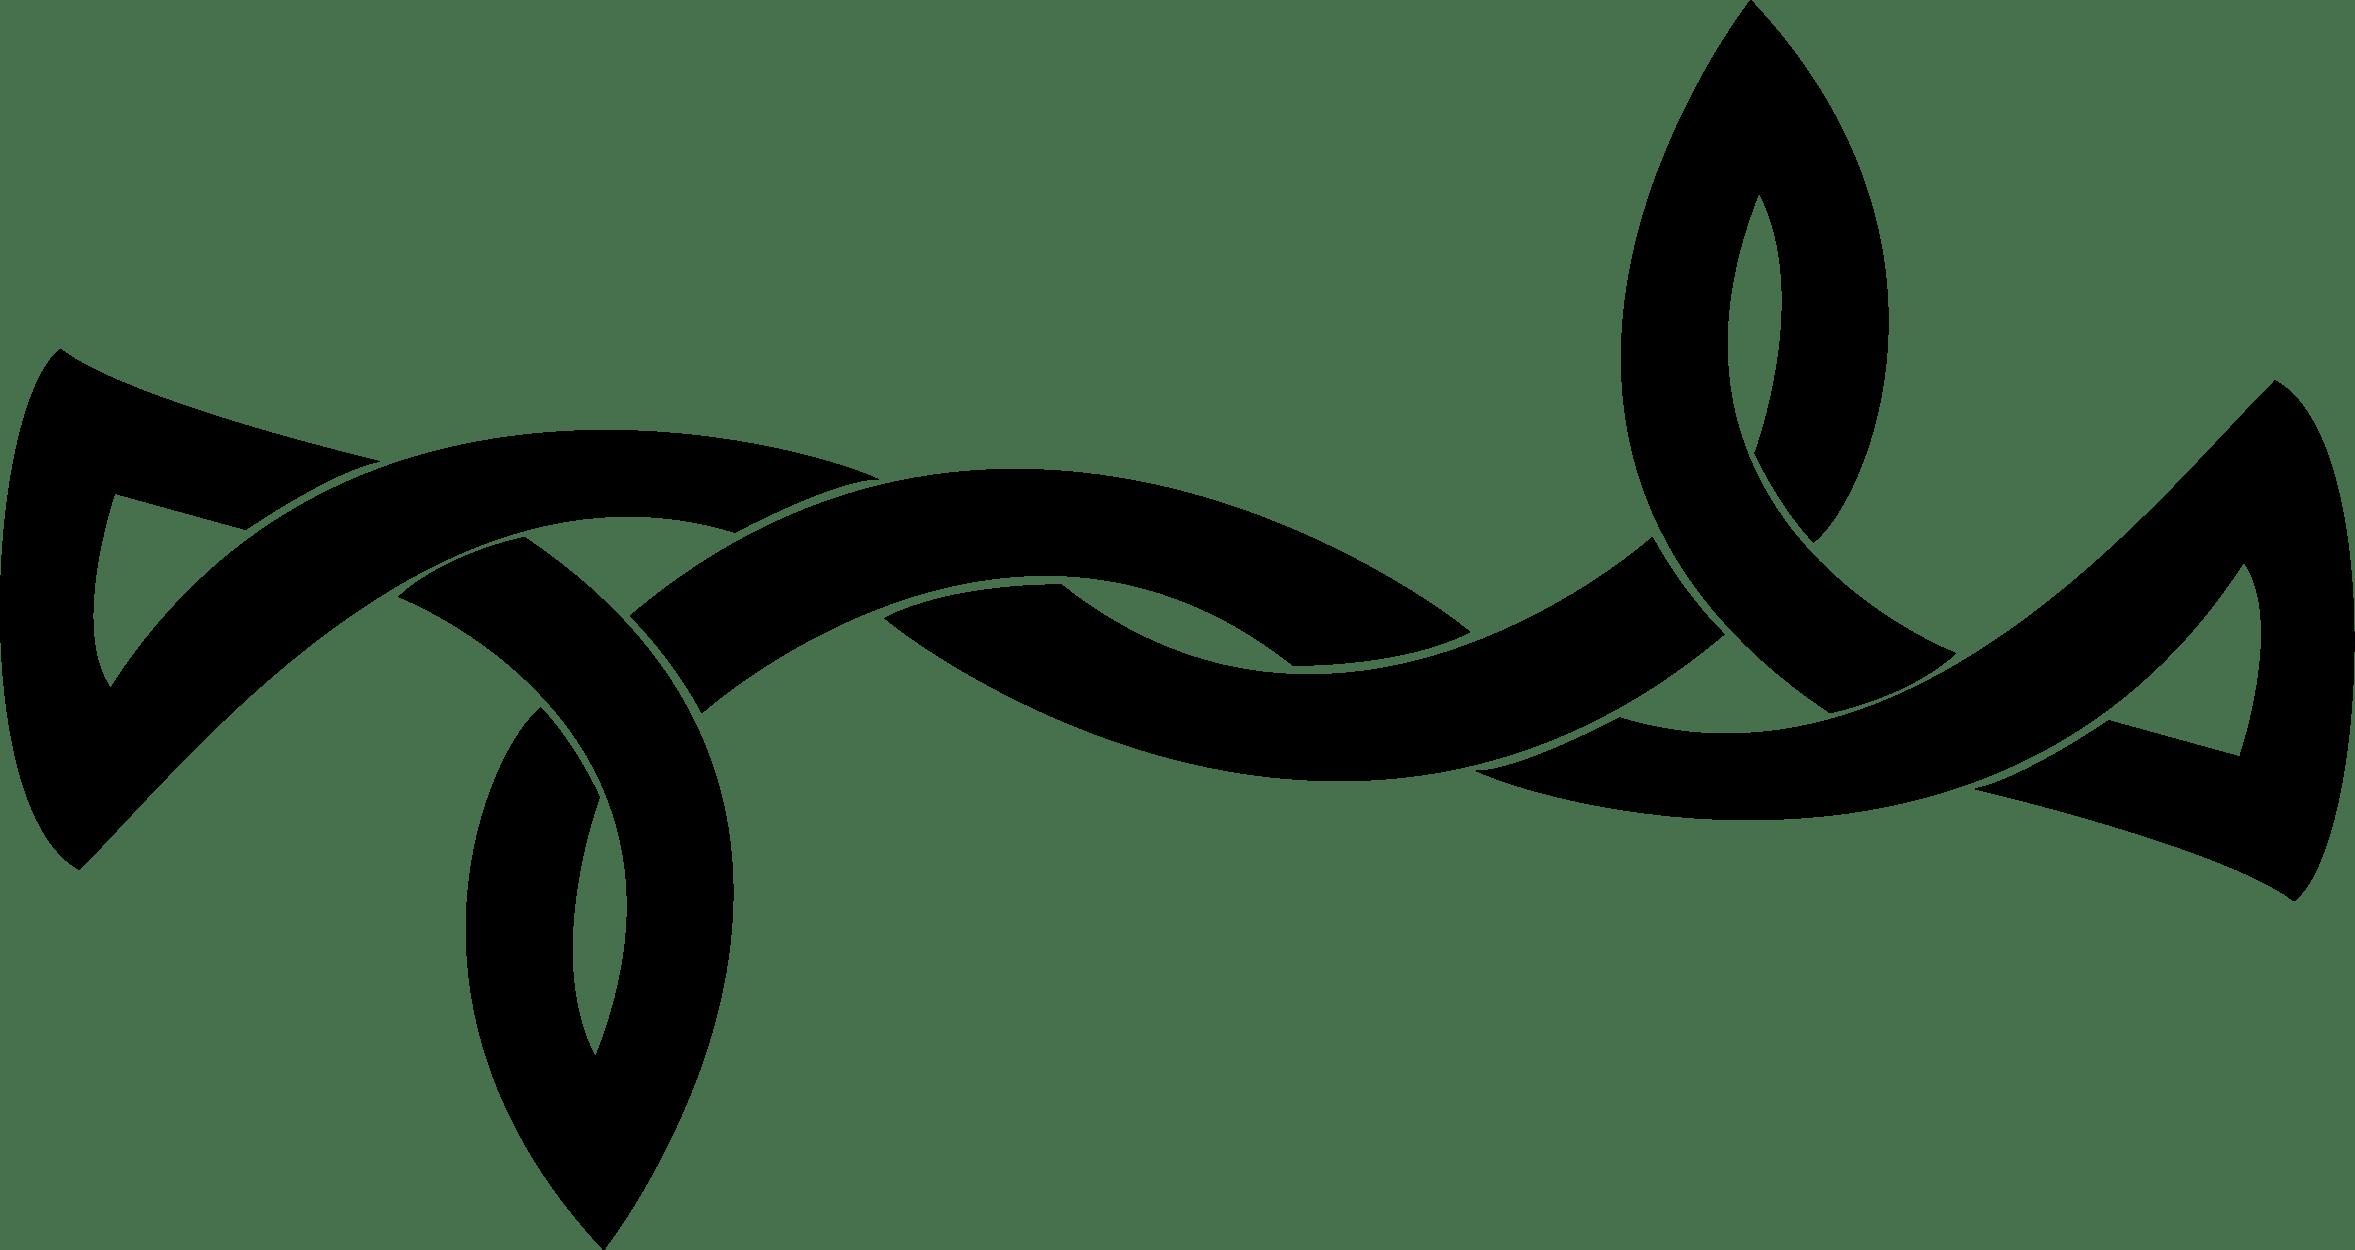 2355x1250 Celtic Knots Transparent Png Images